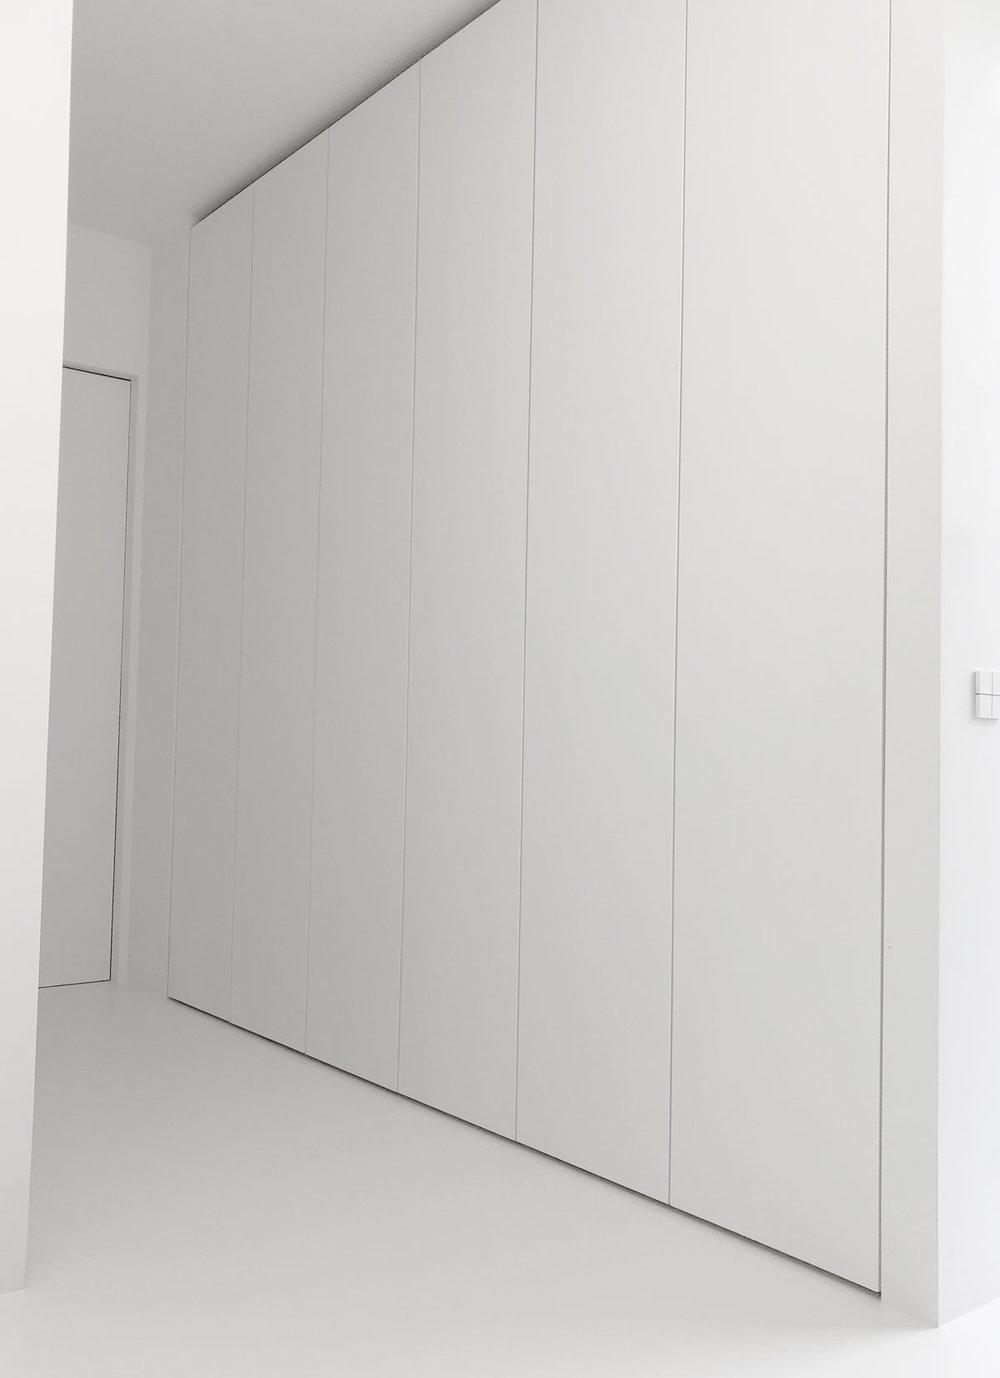 Afbeelding van een gang met aan weerszijden een design kledingkast op maat, de deuren zijn handgreeploos en push to open.